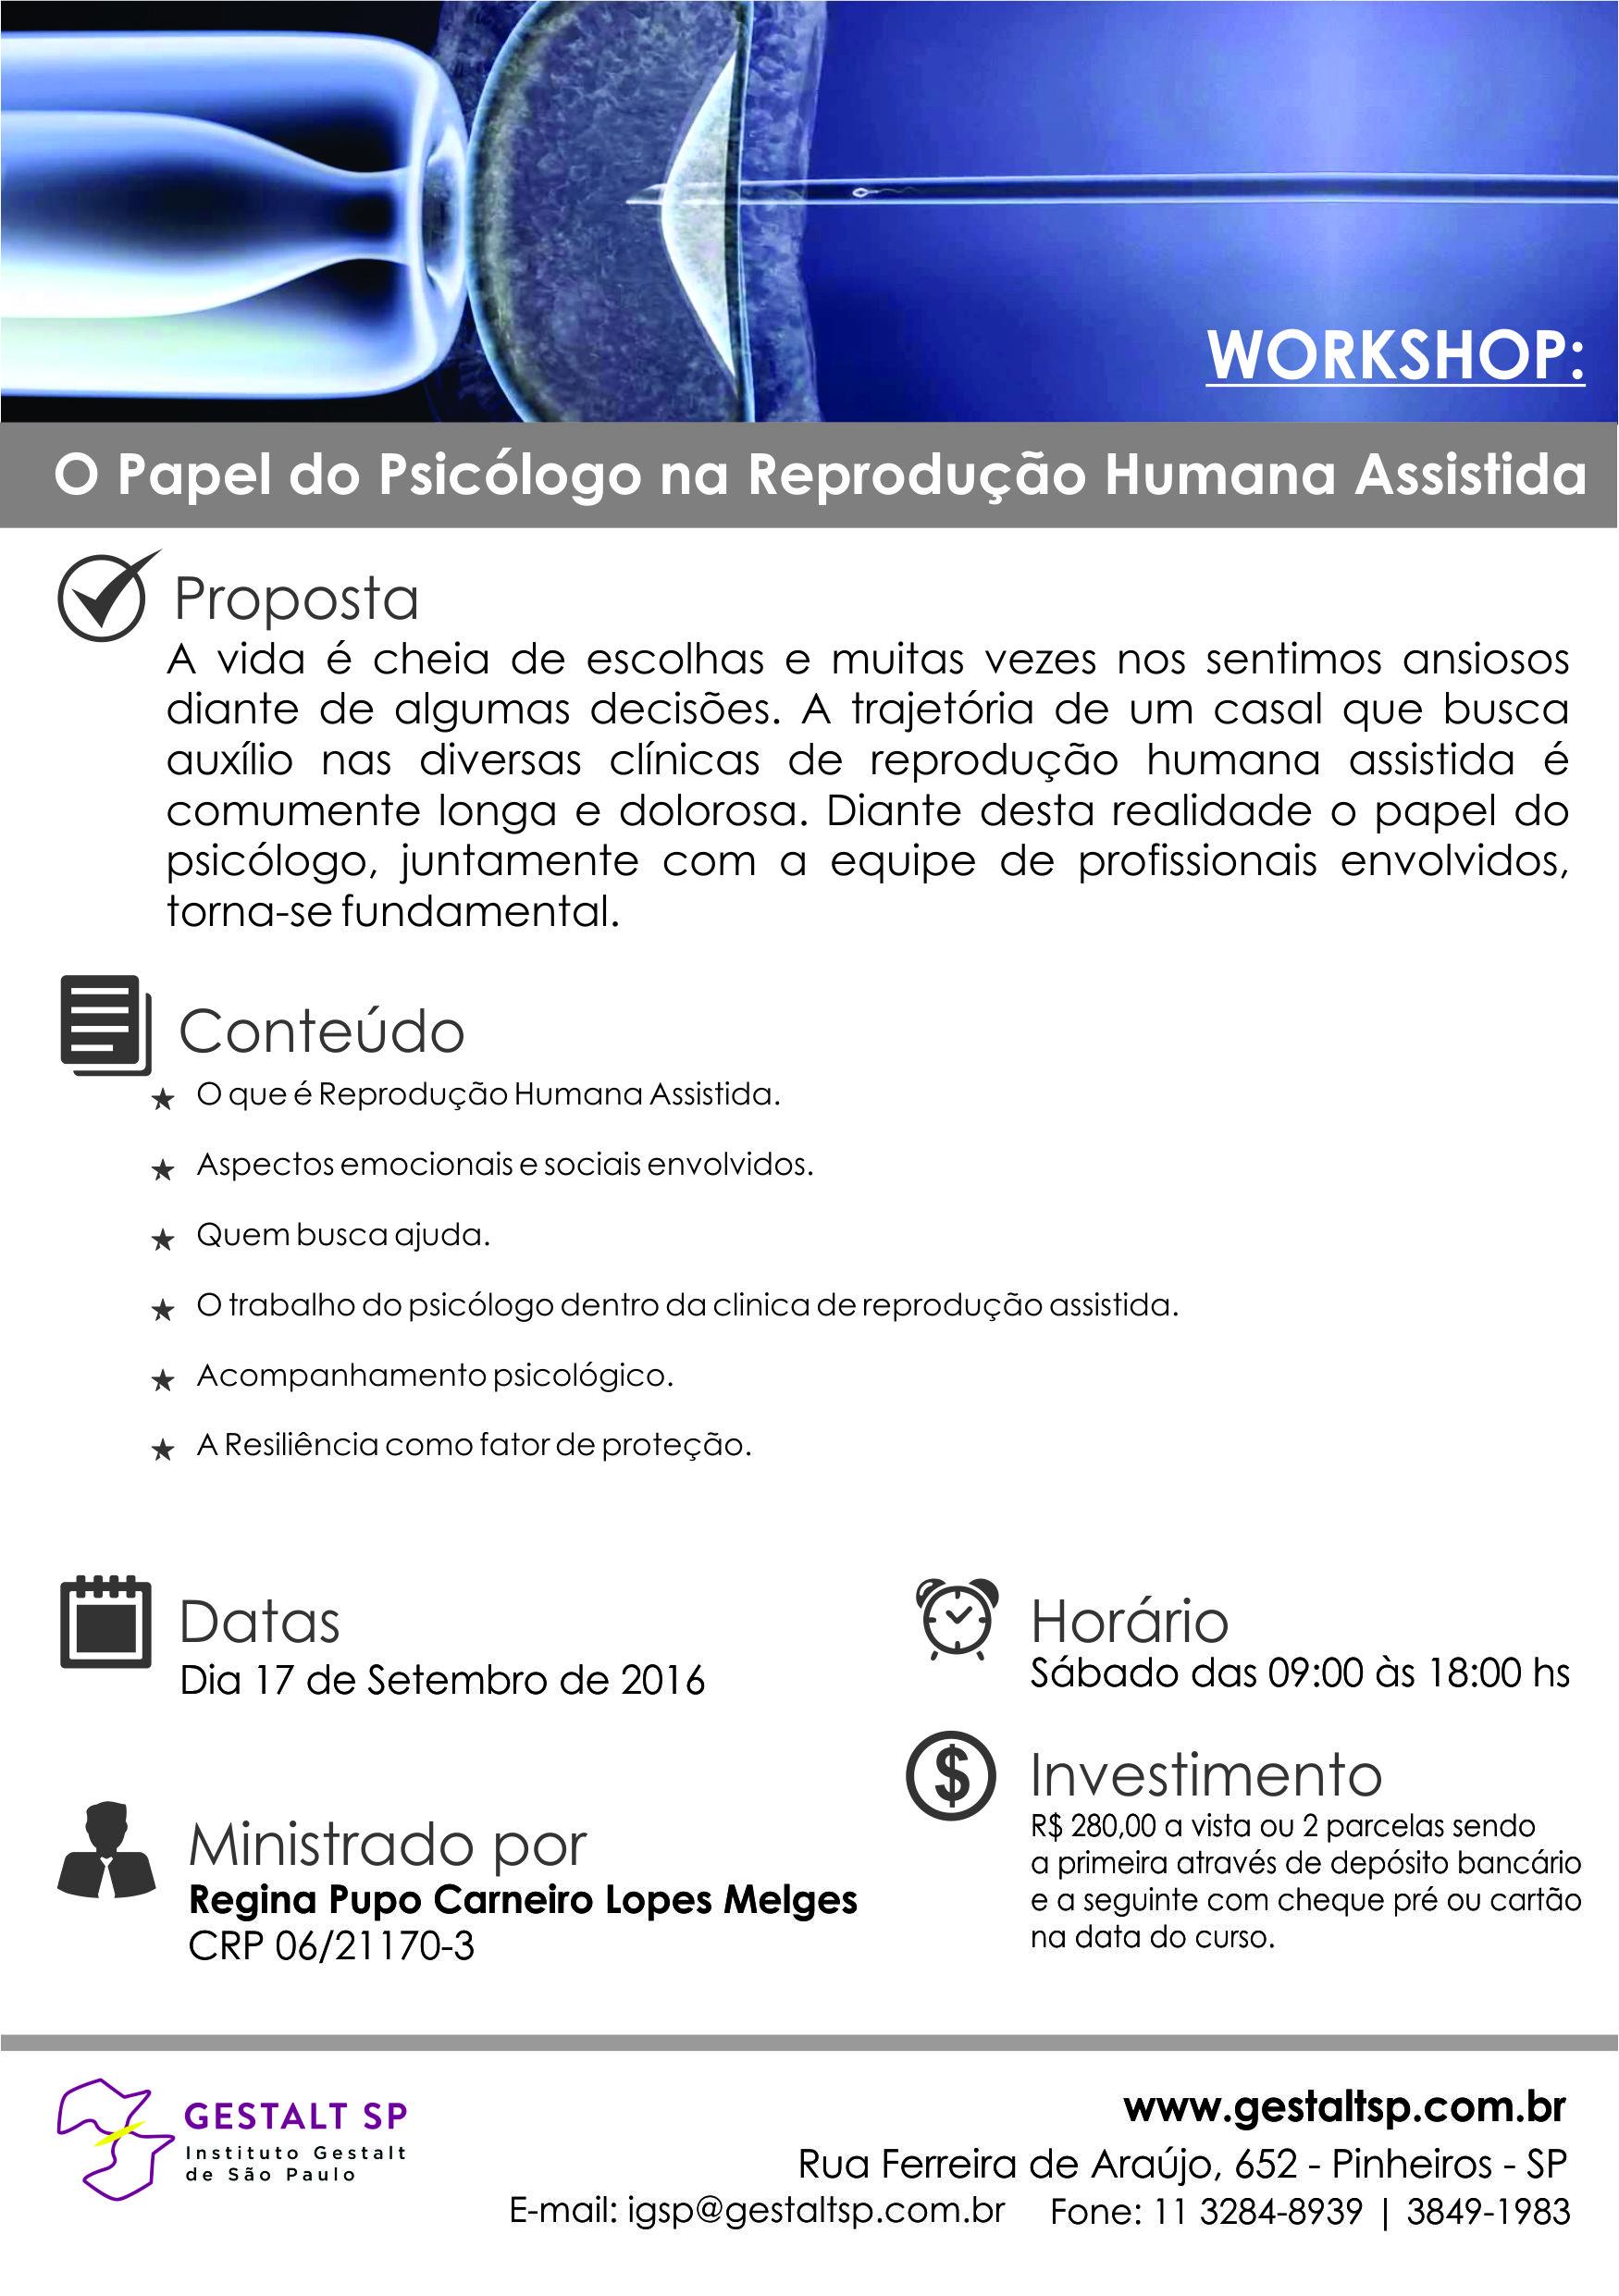 Workshop: O papael do Psicologo na Reprodução Assistida